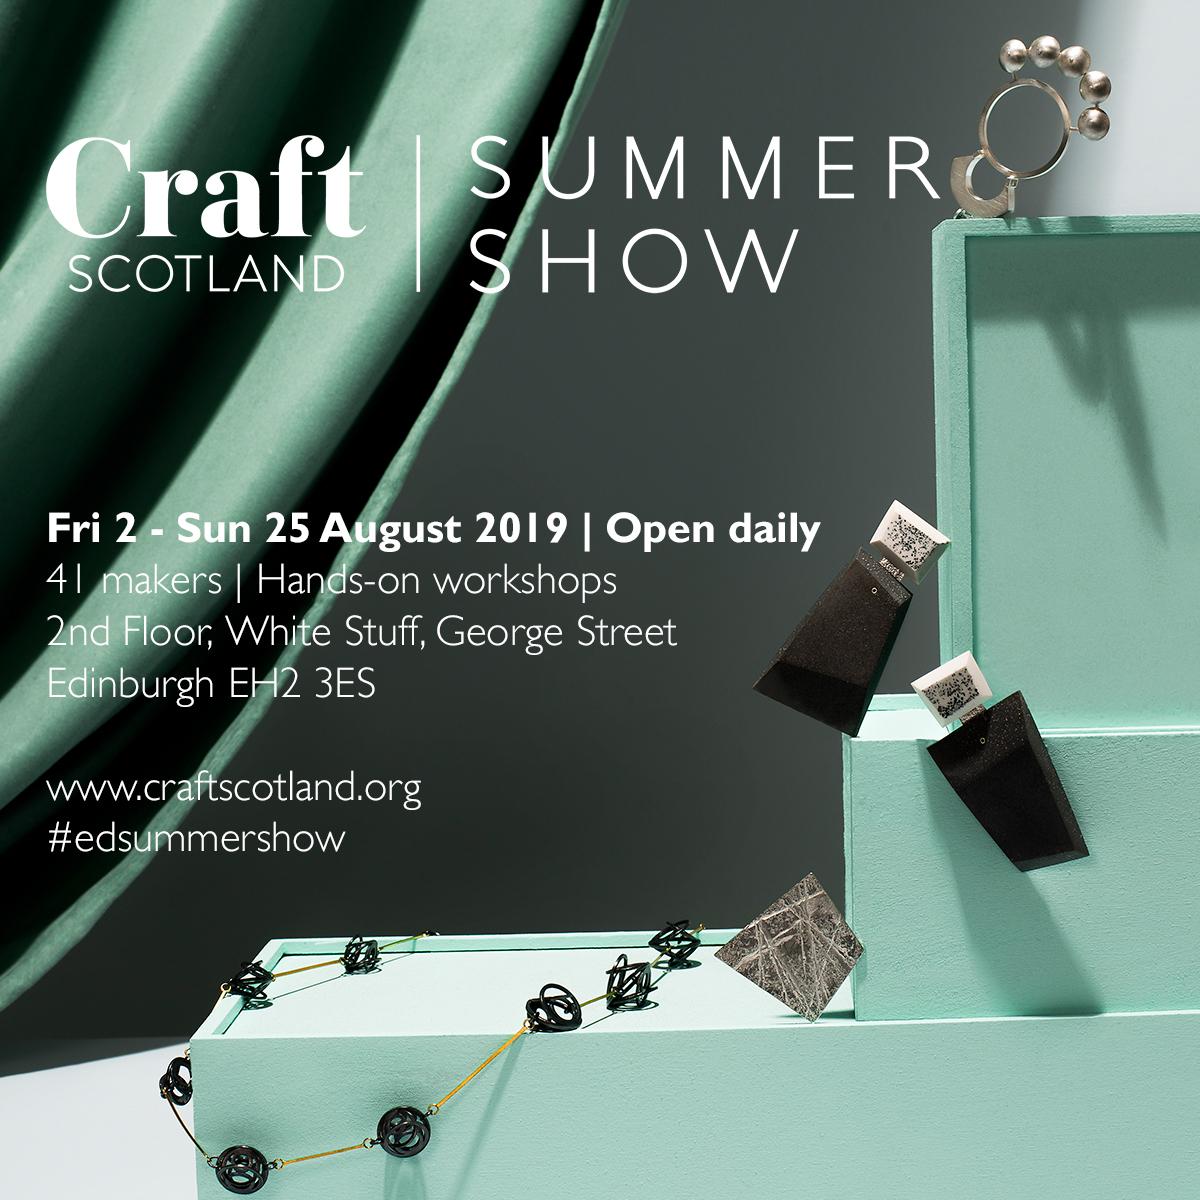 Craft-Scotland-Summer-Show-2019-Social-3.jpg